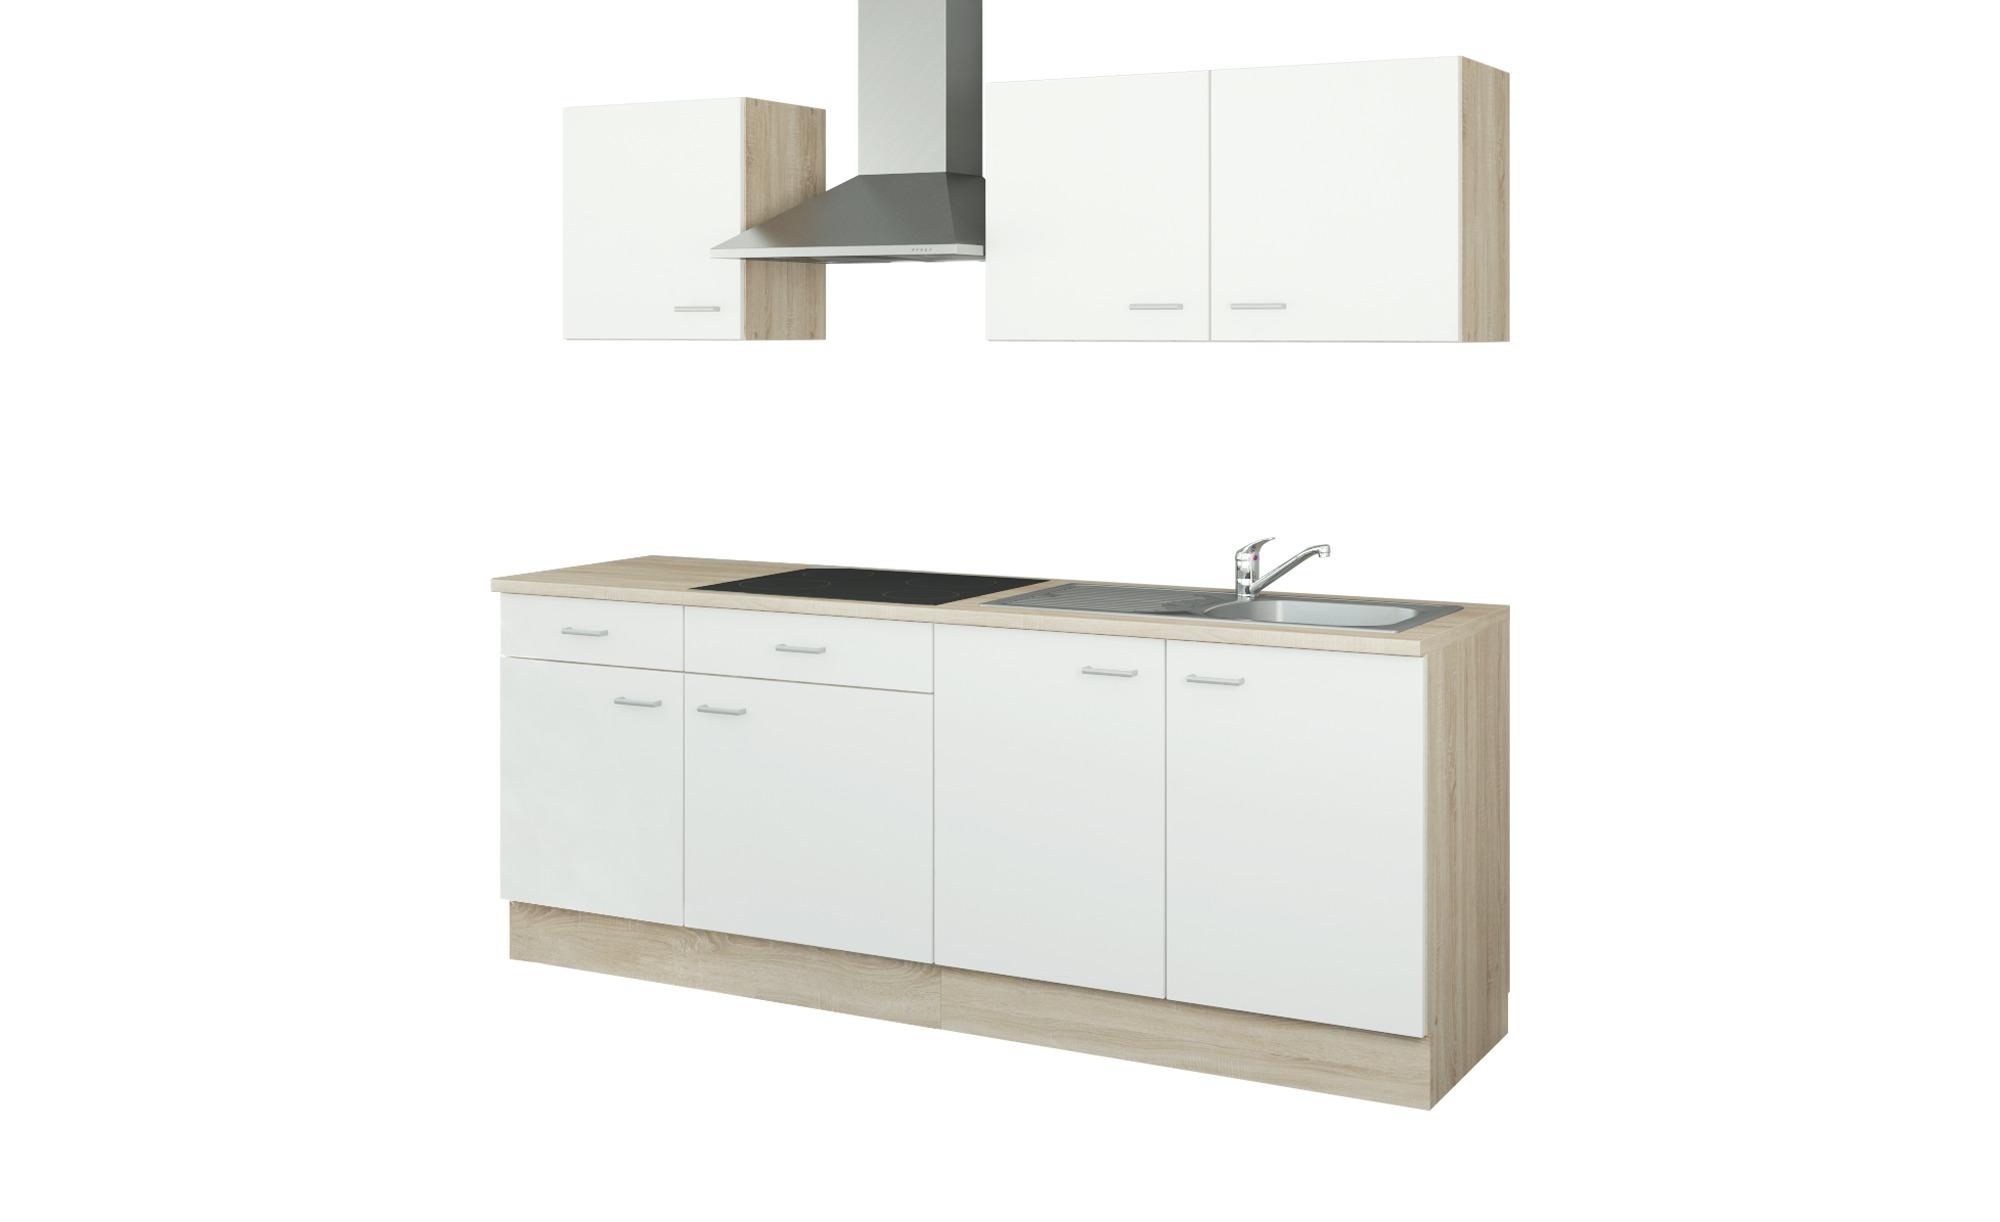 uno Küchenzeile mit Elektrogeräten  Bonn ¦ weiß ¦ Maße (cm): B: 210 Küchen > Küchenblöcke mit E-Geräten - Höffner